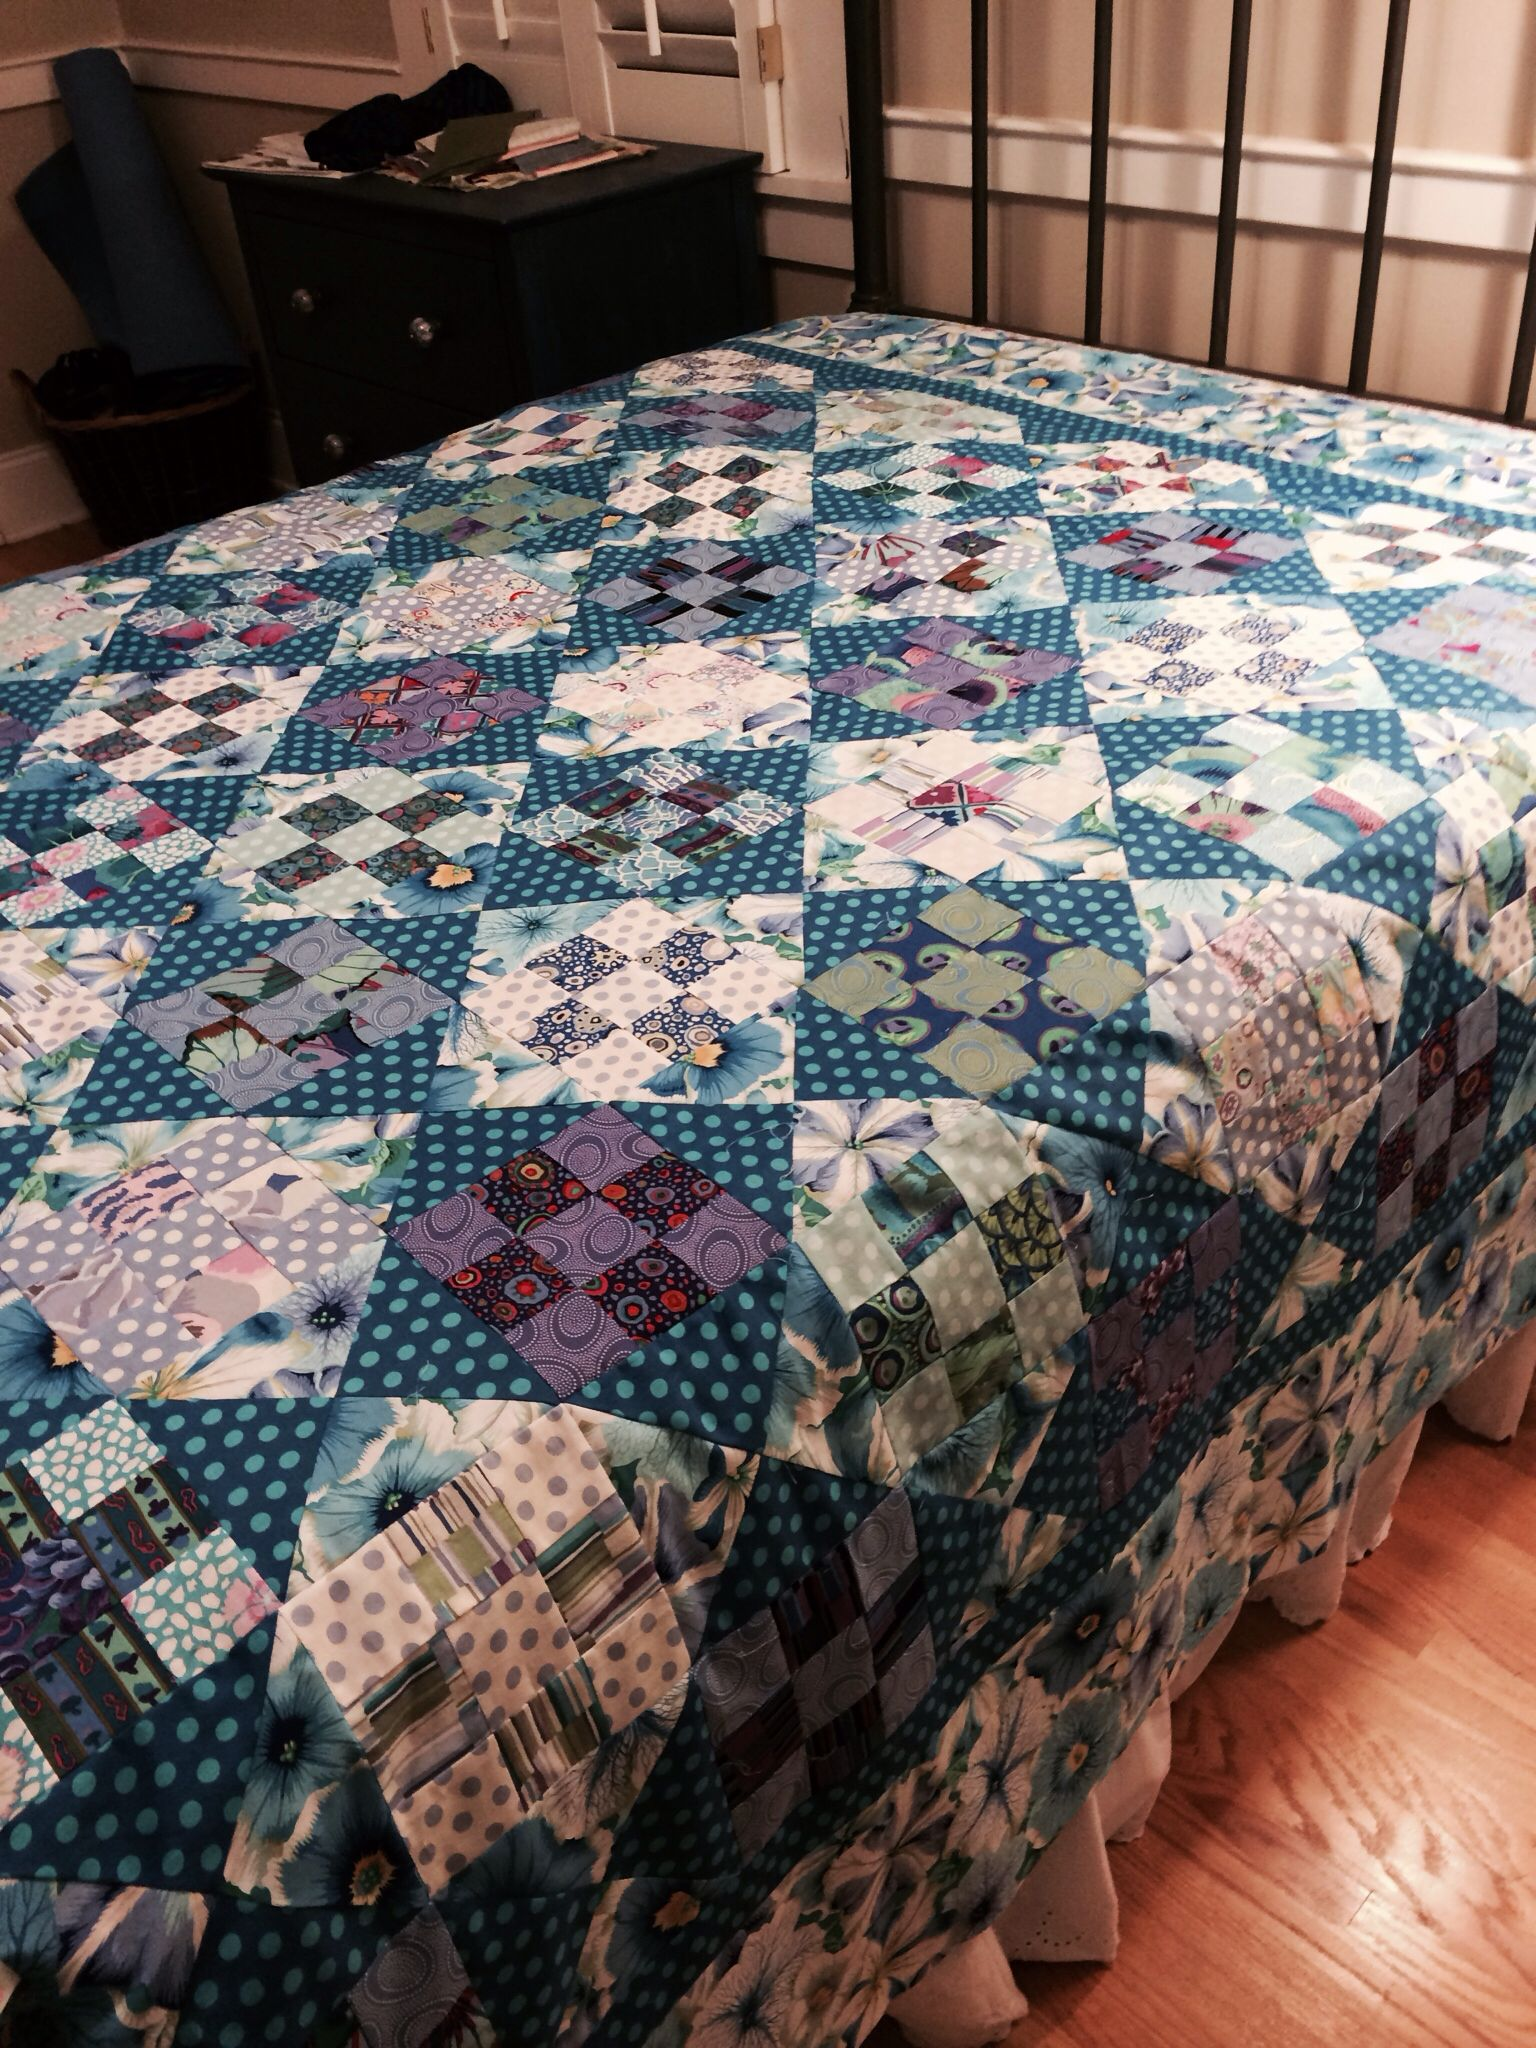 Kaffe fassett fabric and pattern